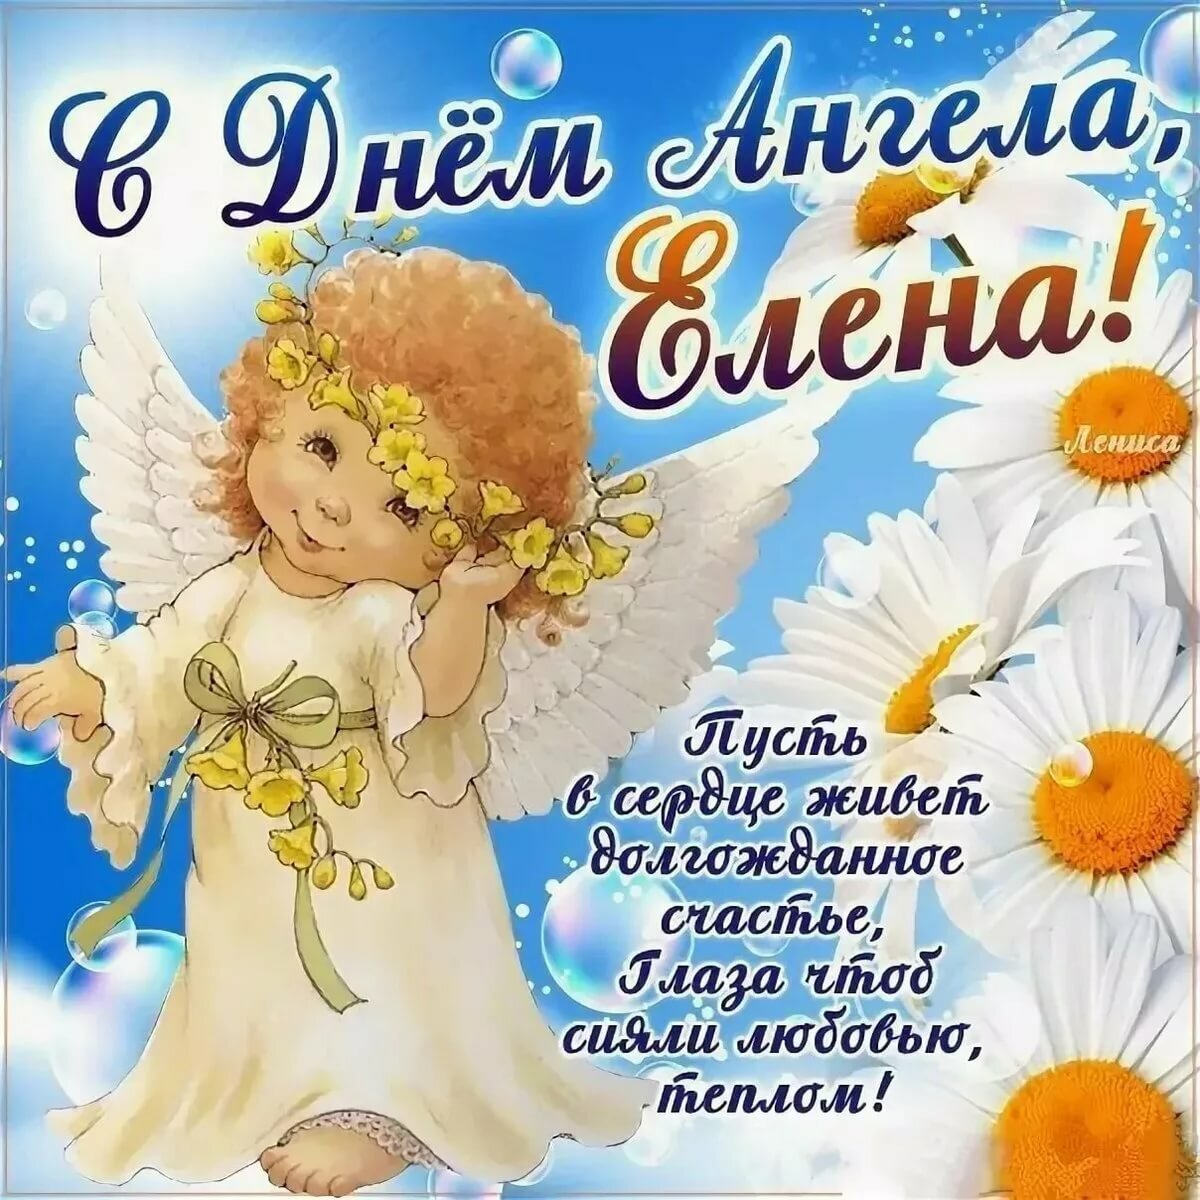 Поздравление с днем ангела по именам смс